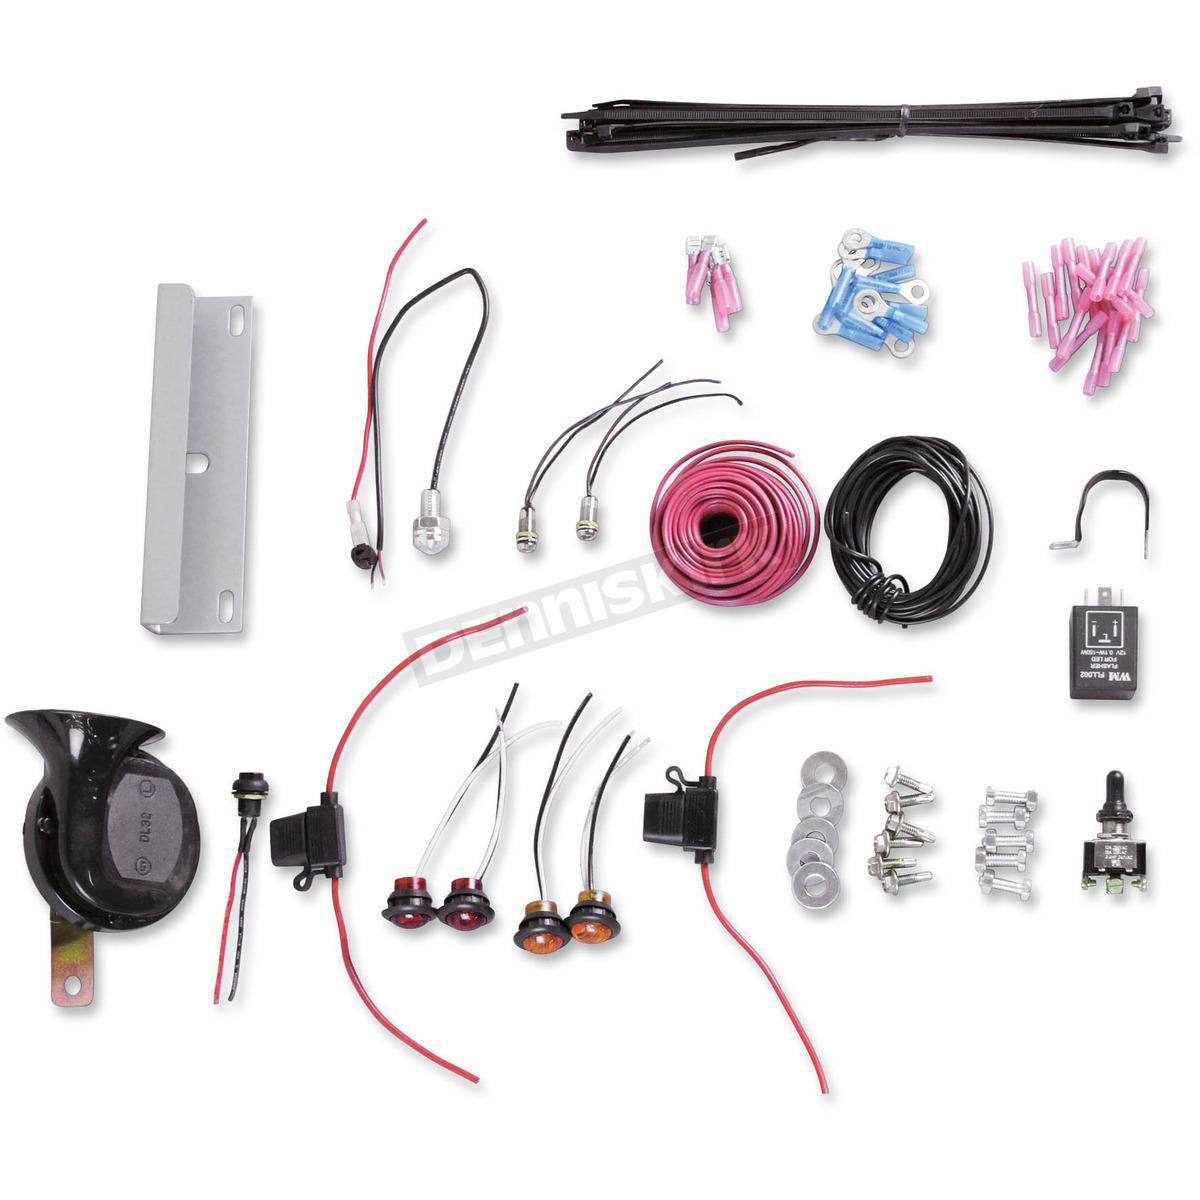 hight resolution of moose atv utv mx street light turn signal horn kit 2020 universal chrome turn signal wiring kit 259001 atv dirt bike